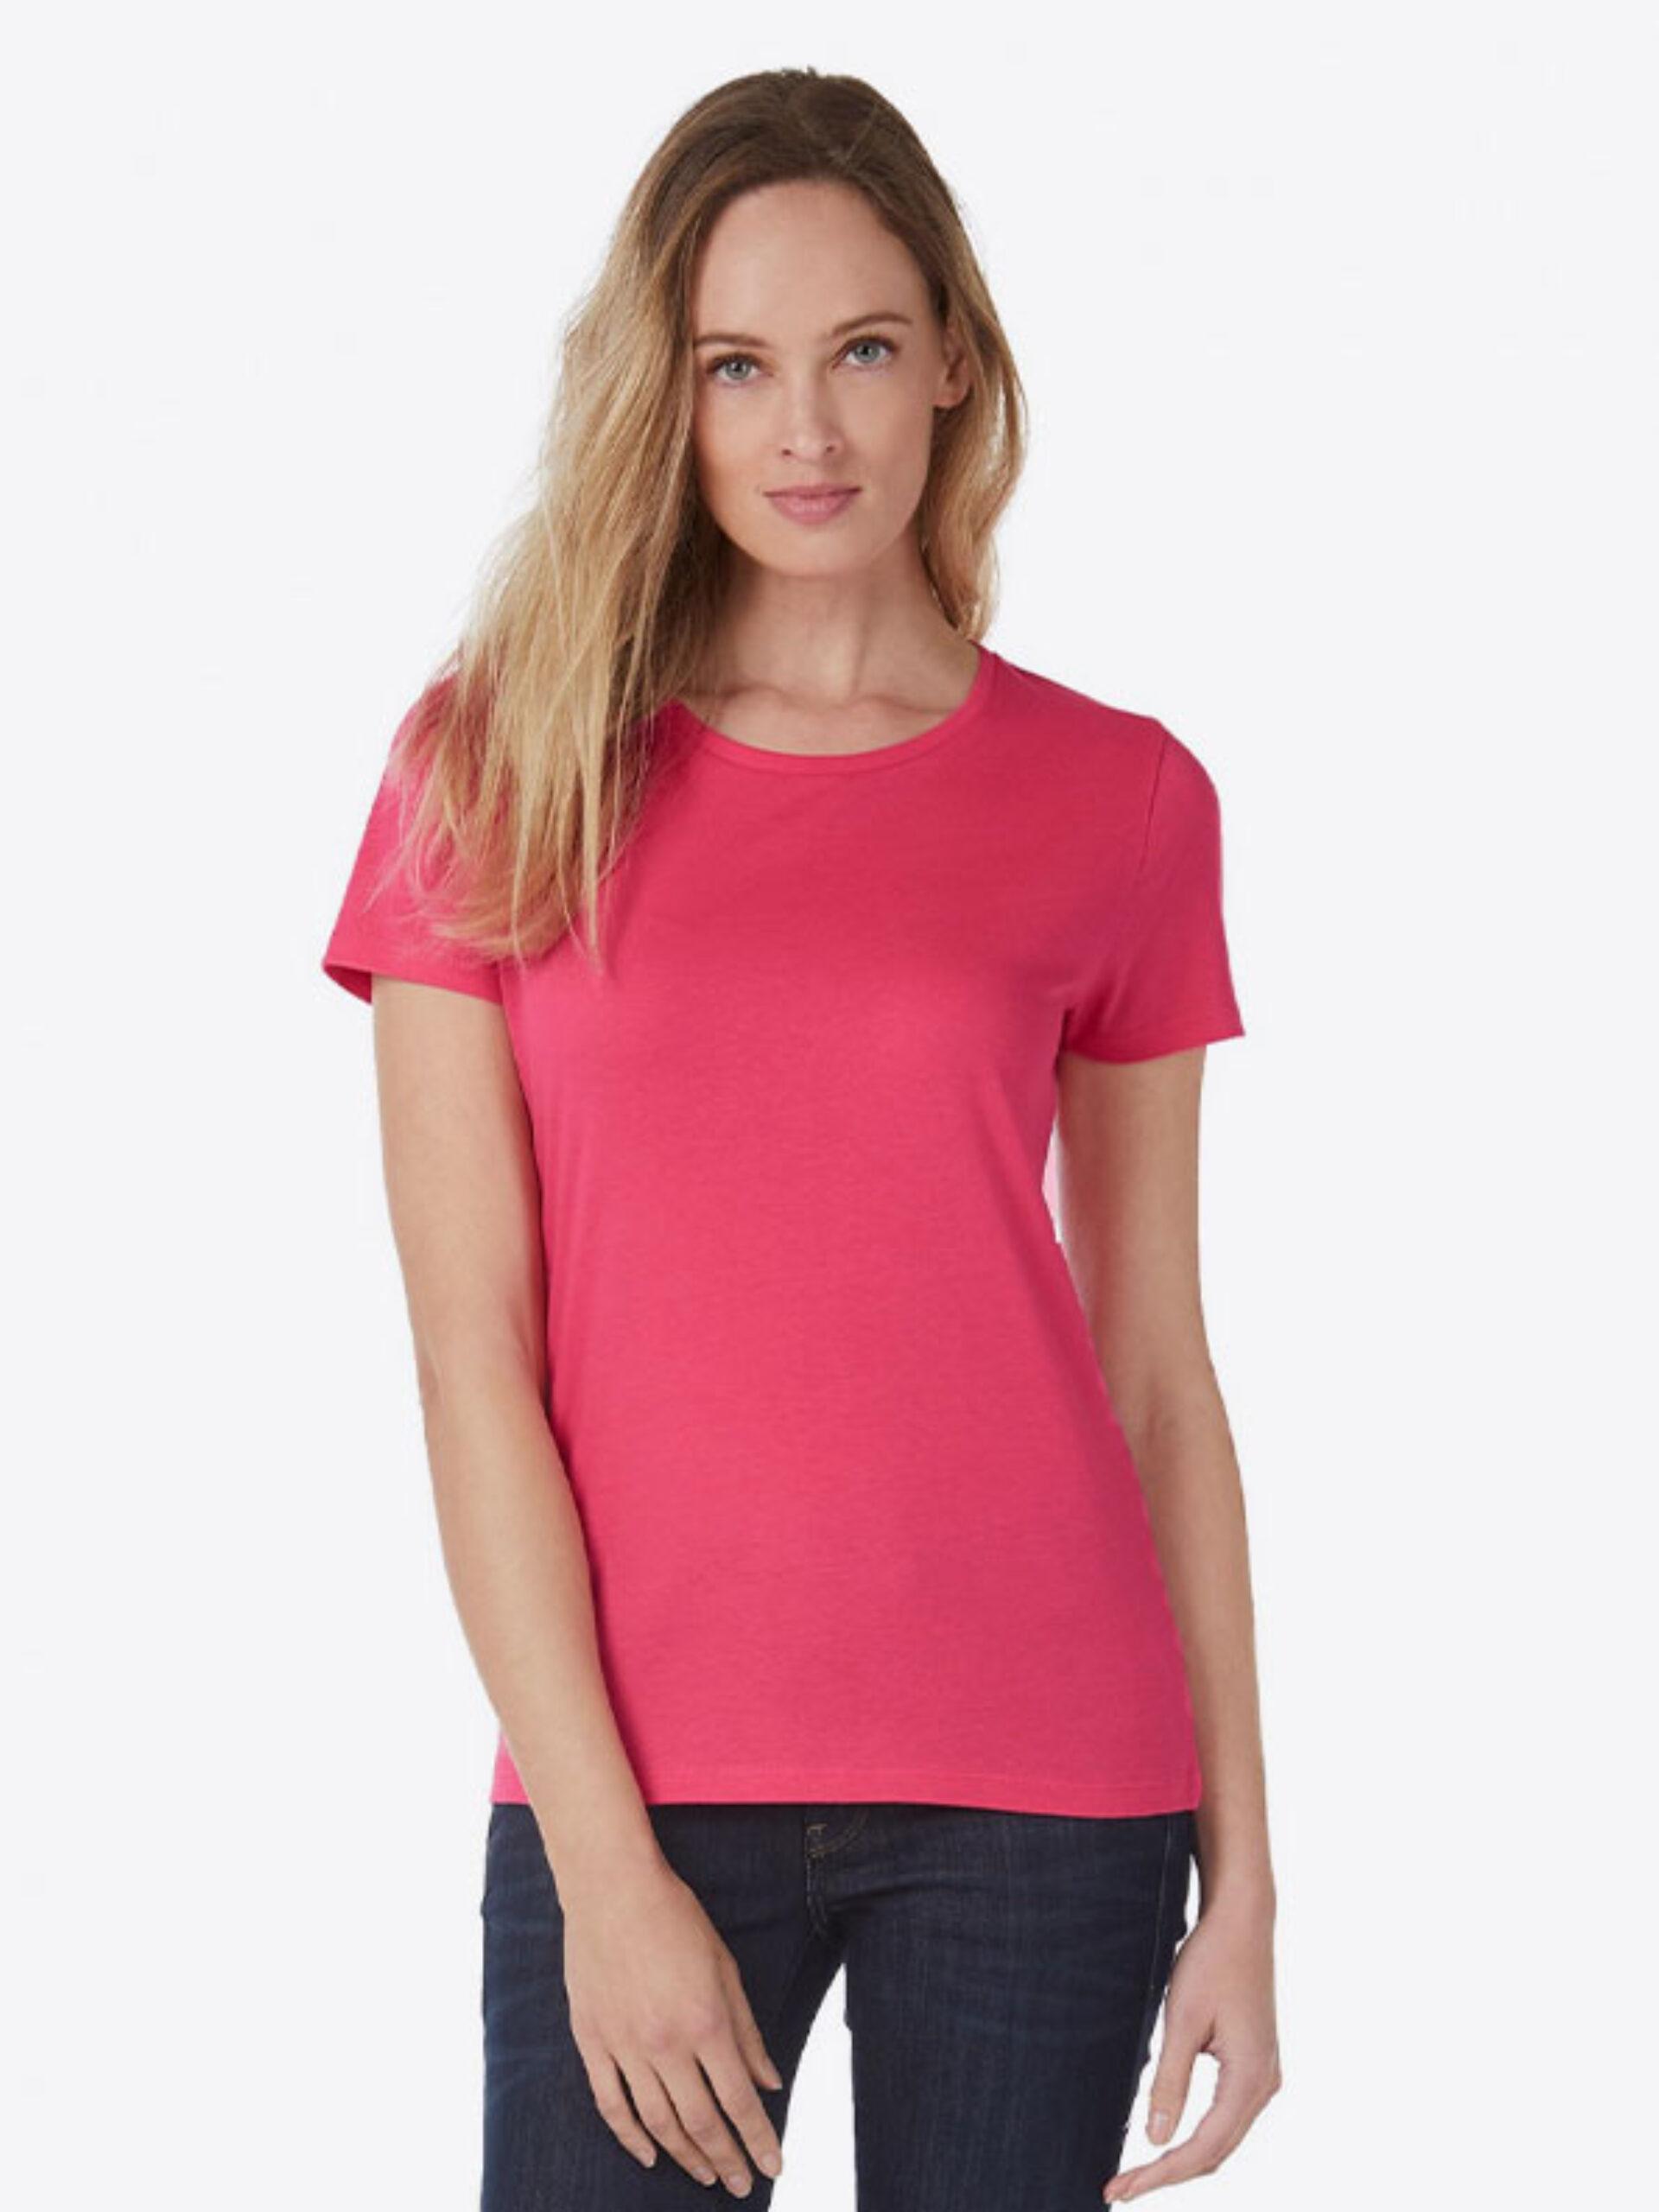 T Shirt B&C E150 Damen Budget Baumwolle Mit Logo Siebdruck